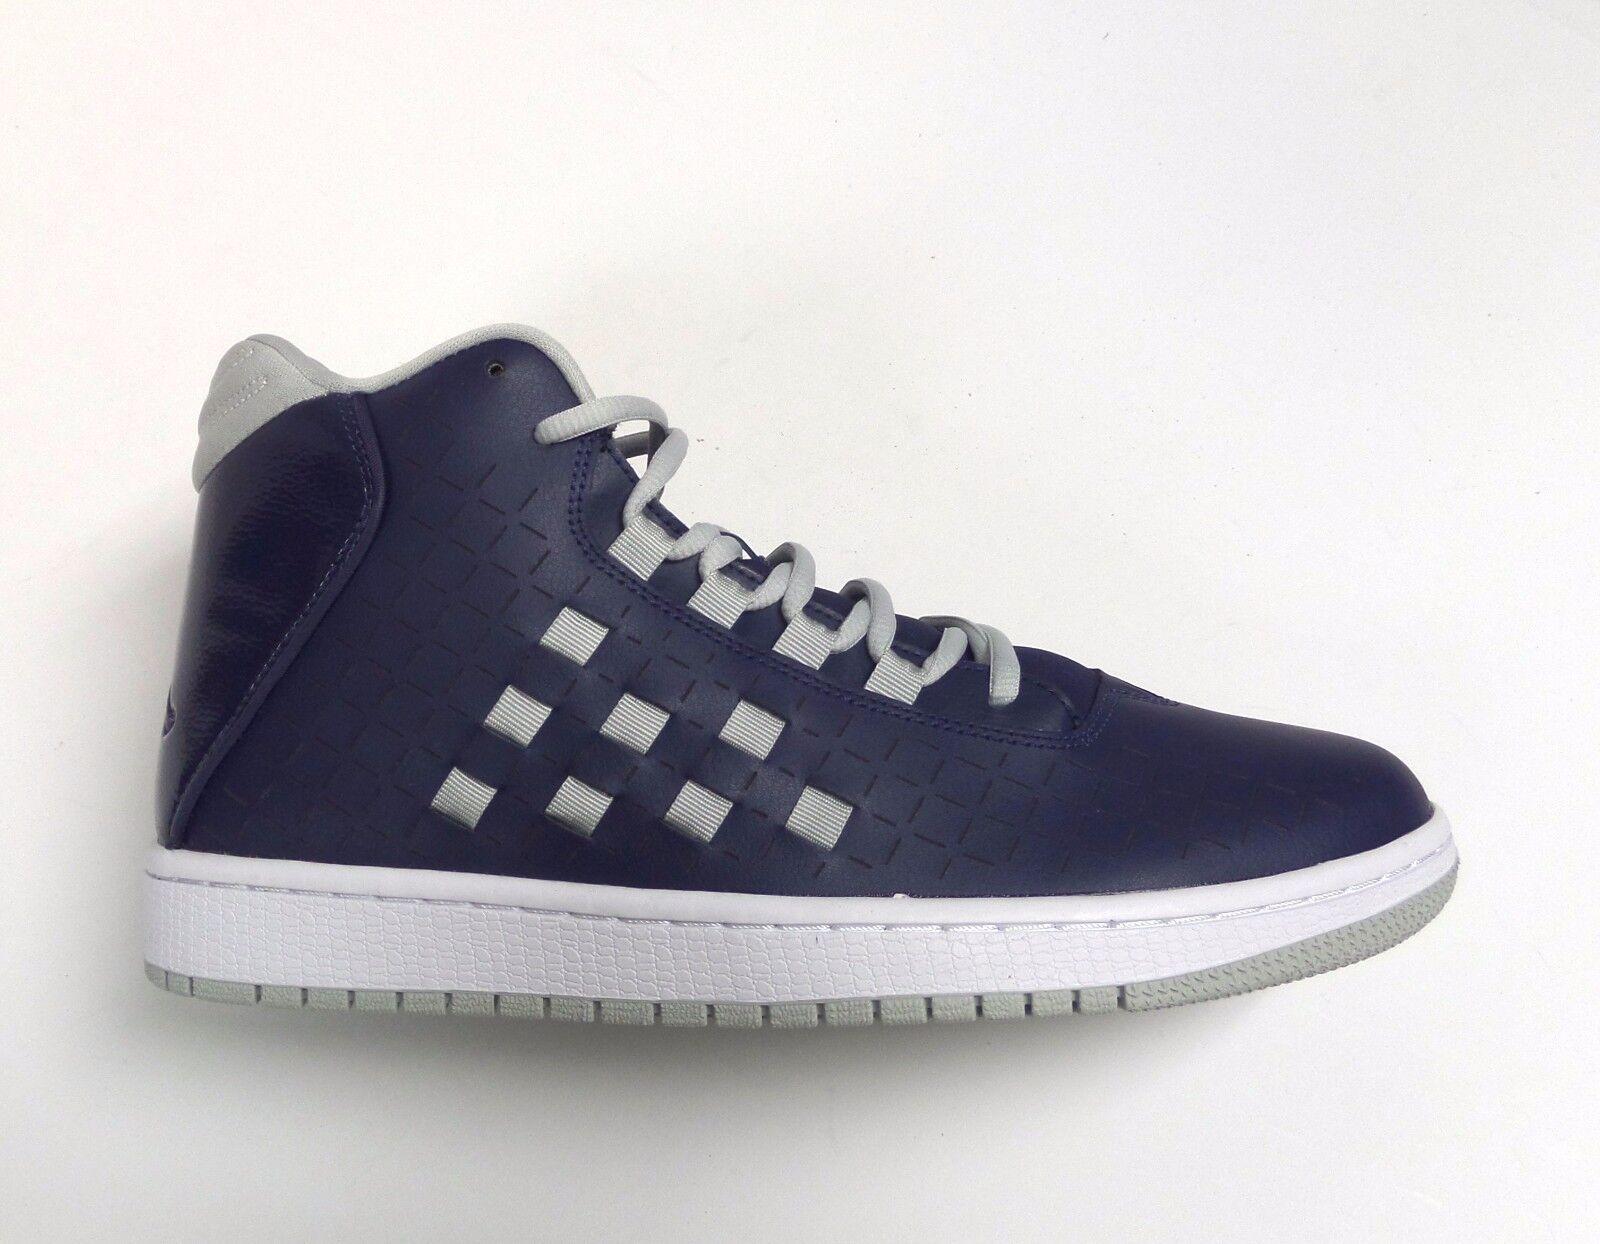 hot sale online f9b40 cce9d Nike Hombre Air Jordan ilusión ilusión ilusión zapatos MID Navy   gris    blanco 705141-